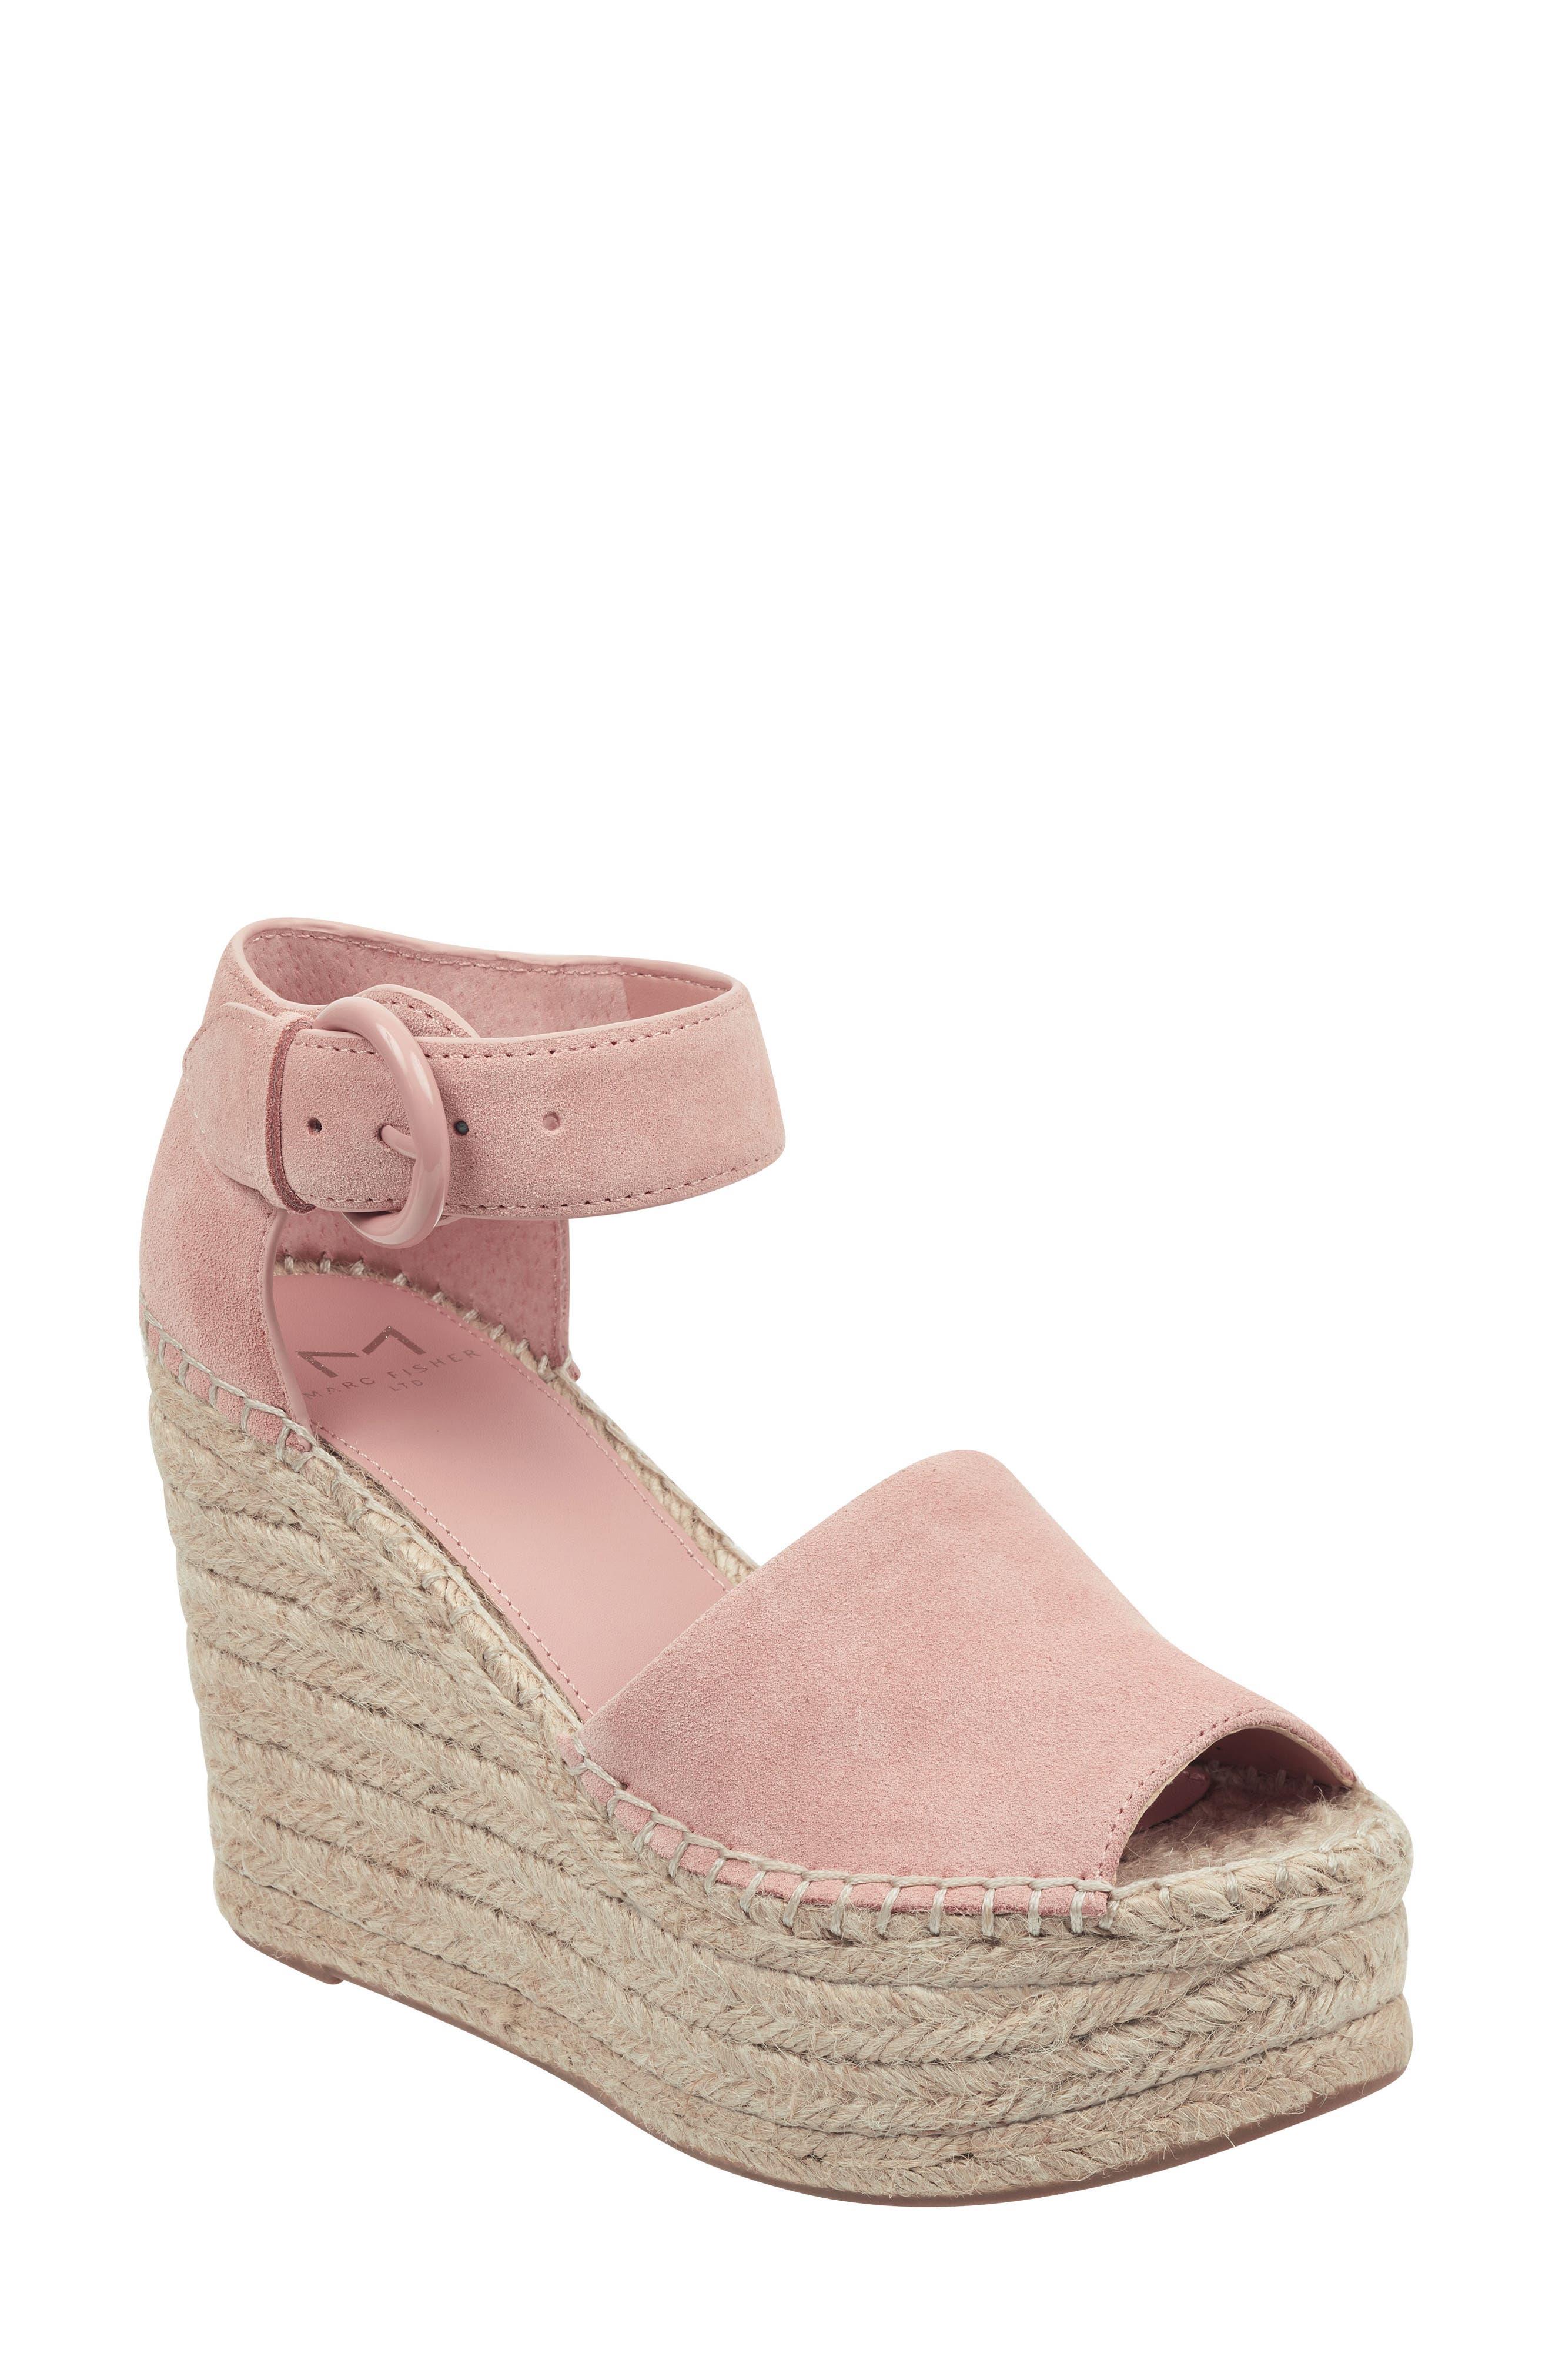 d11100b21f5 Women s Marc Fisher LTD Wedge Sandals